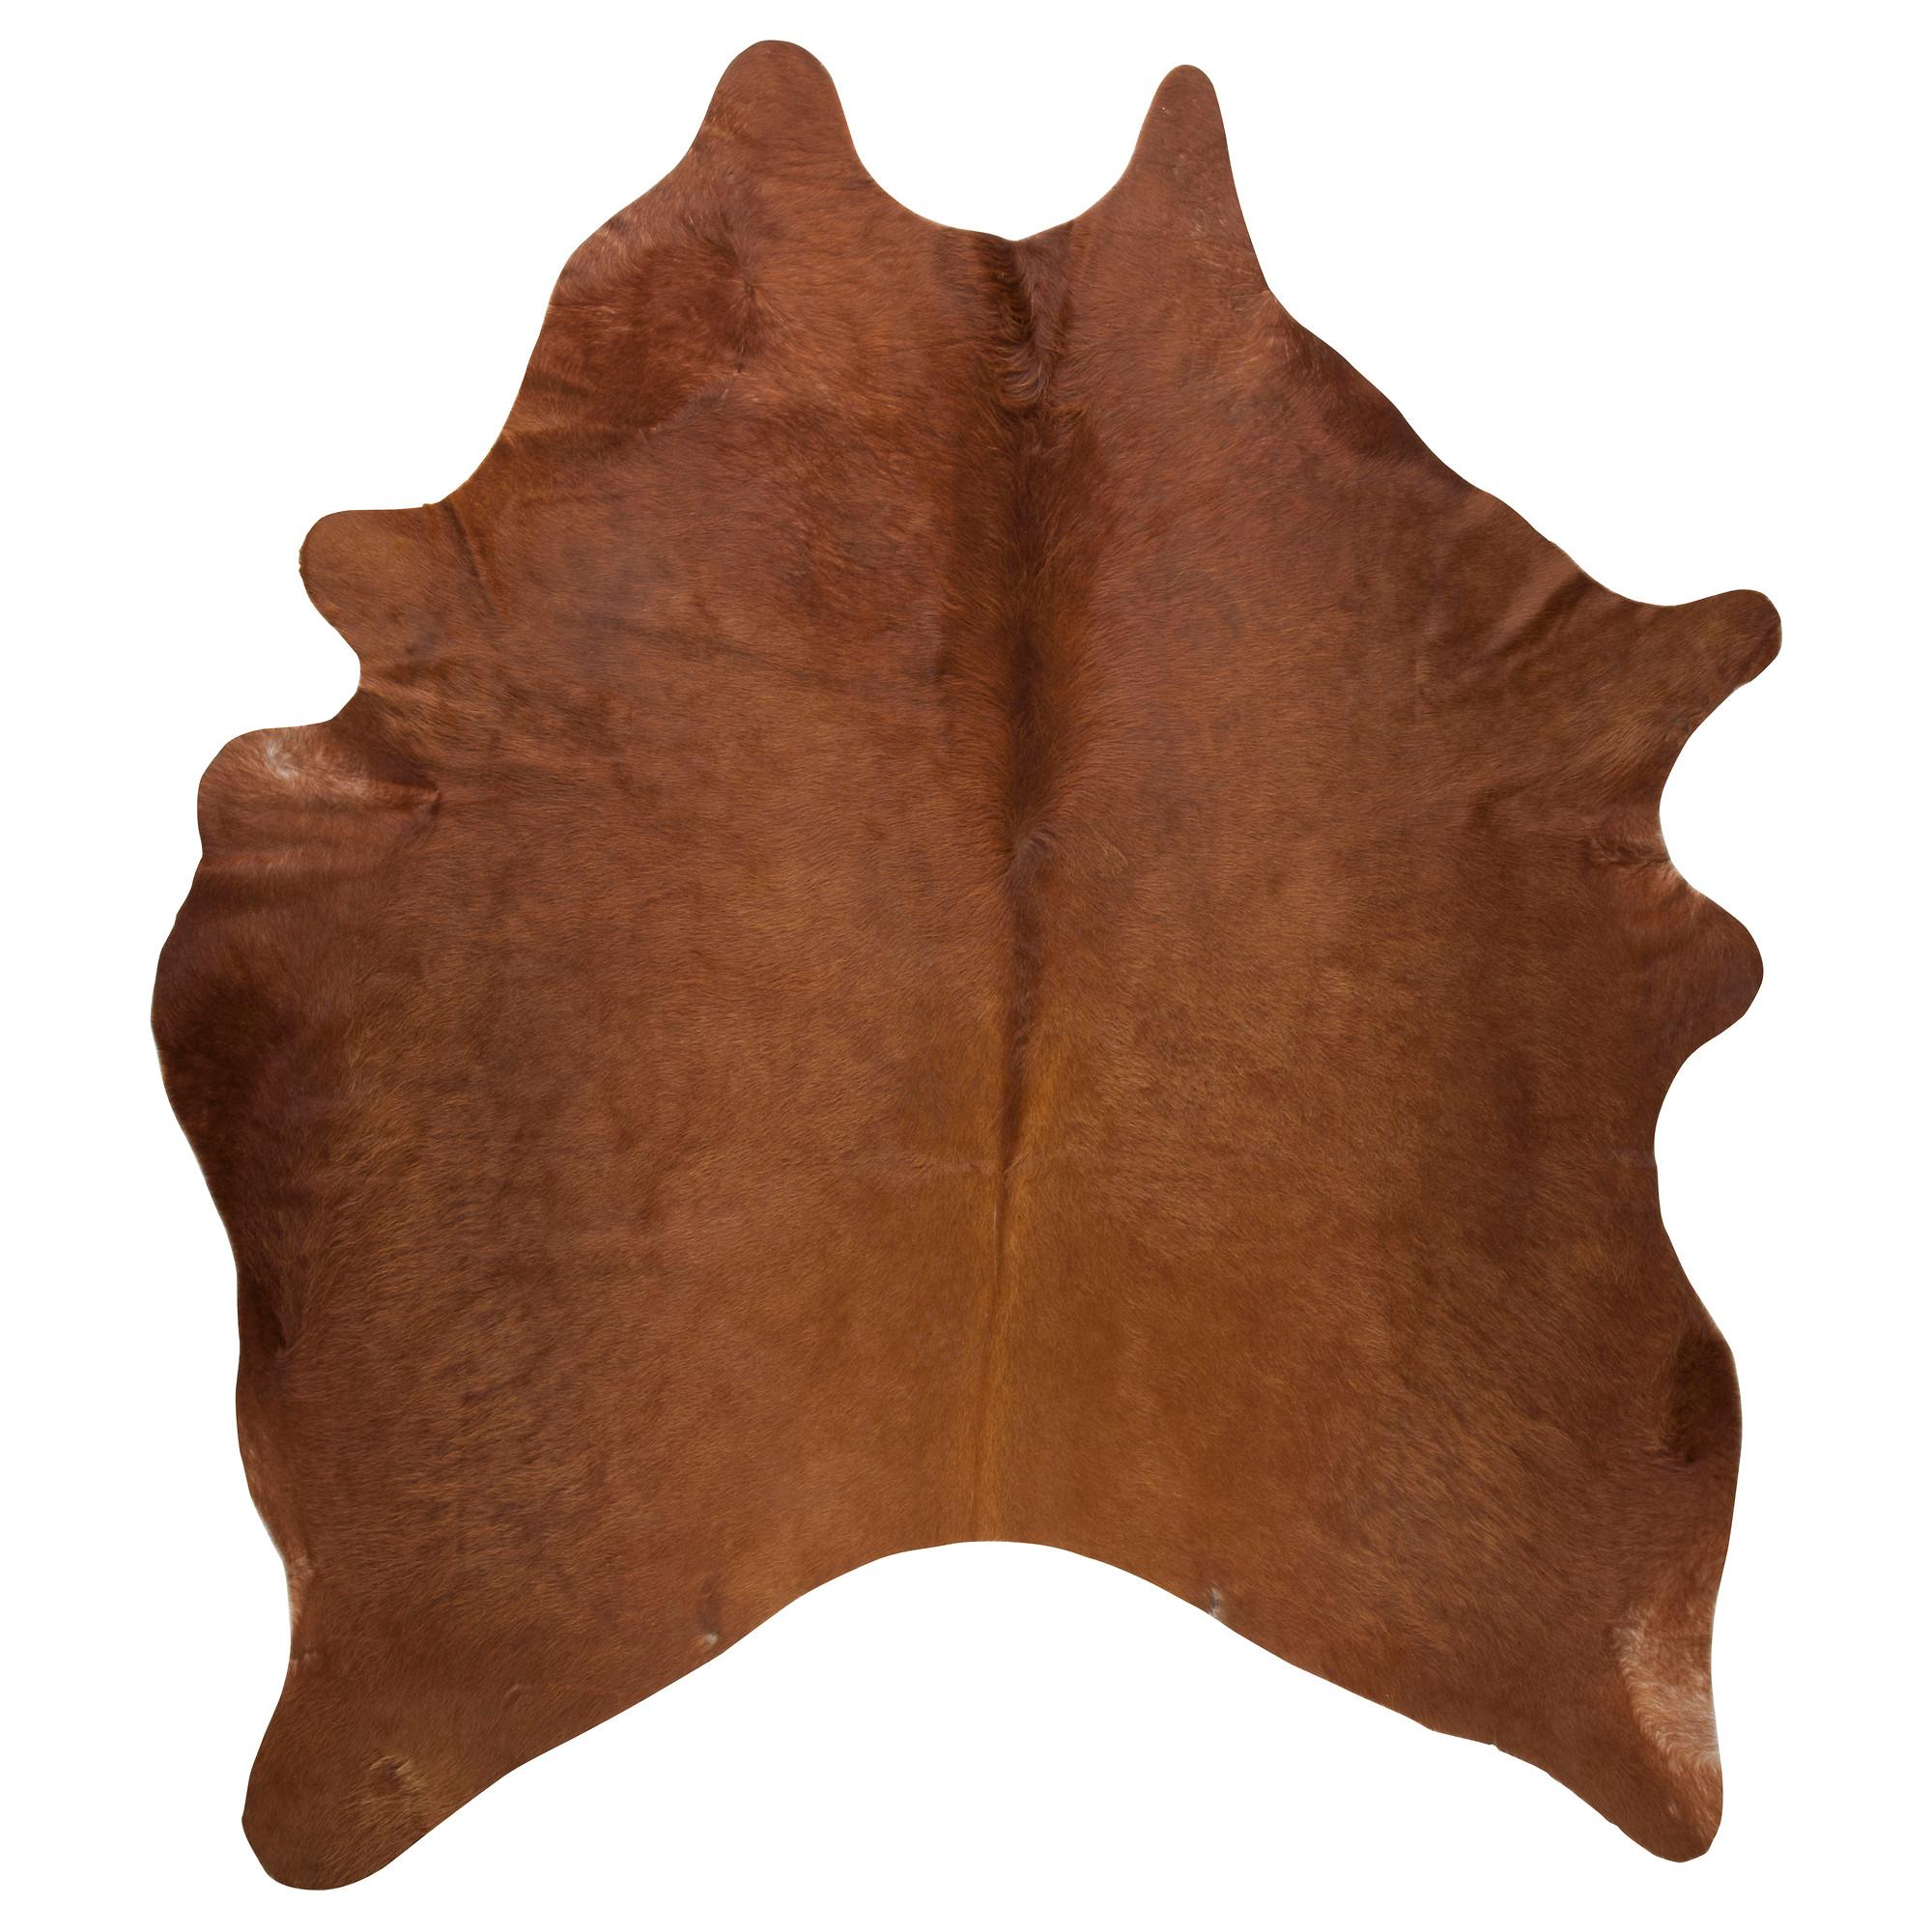 cowhide rugs hide or other animal skin